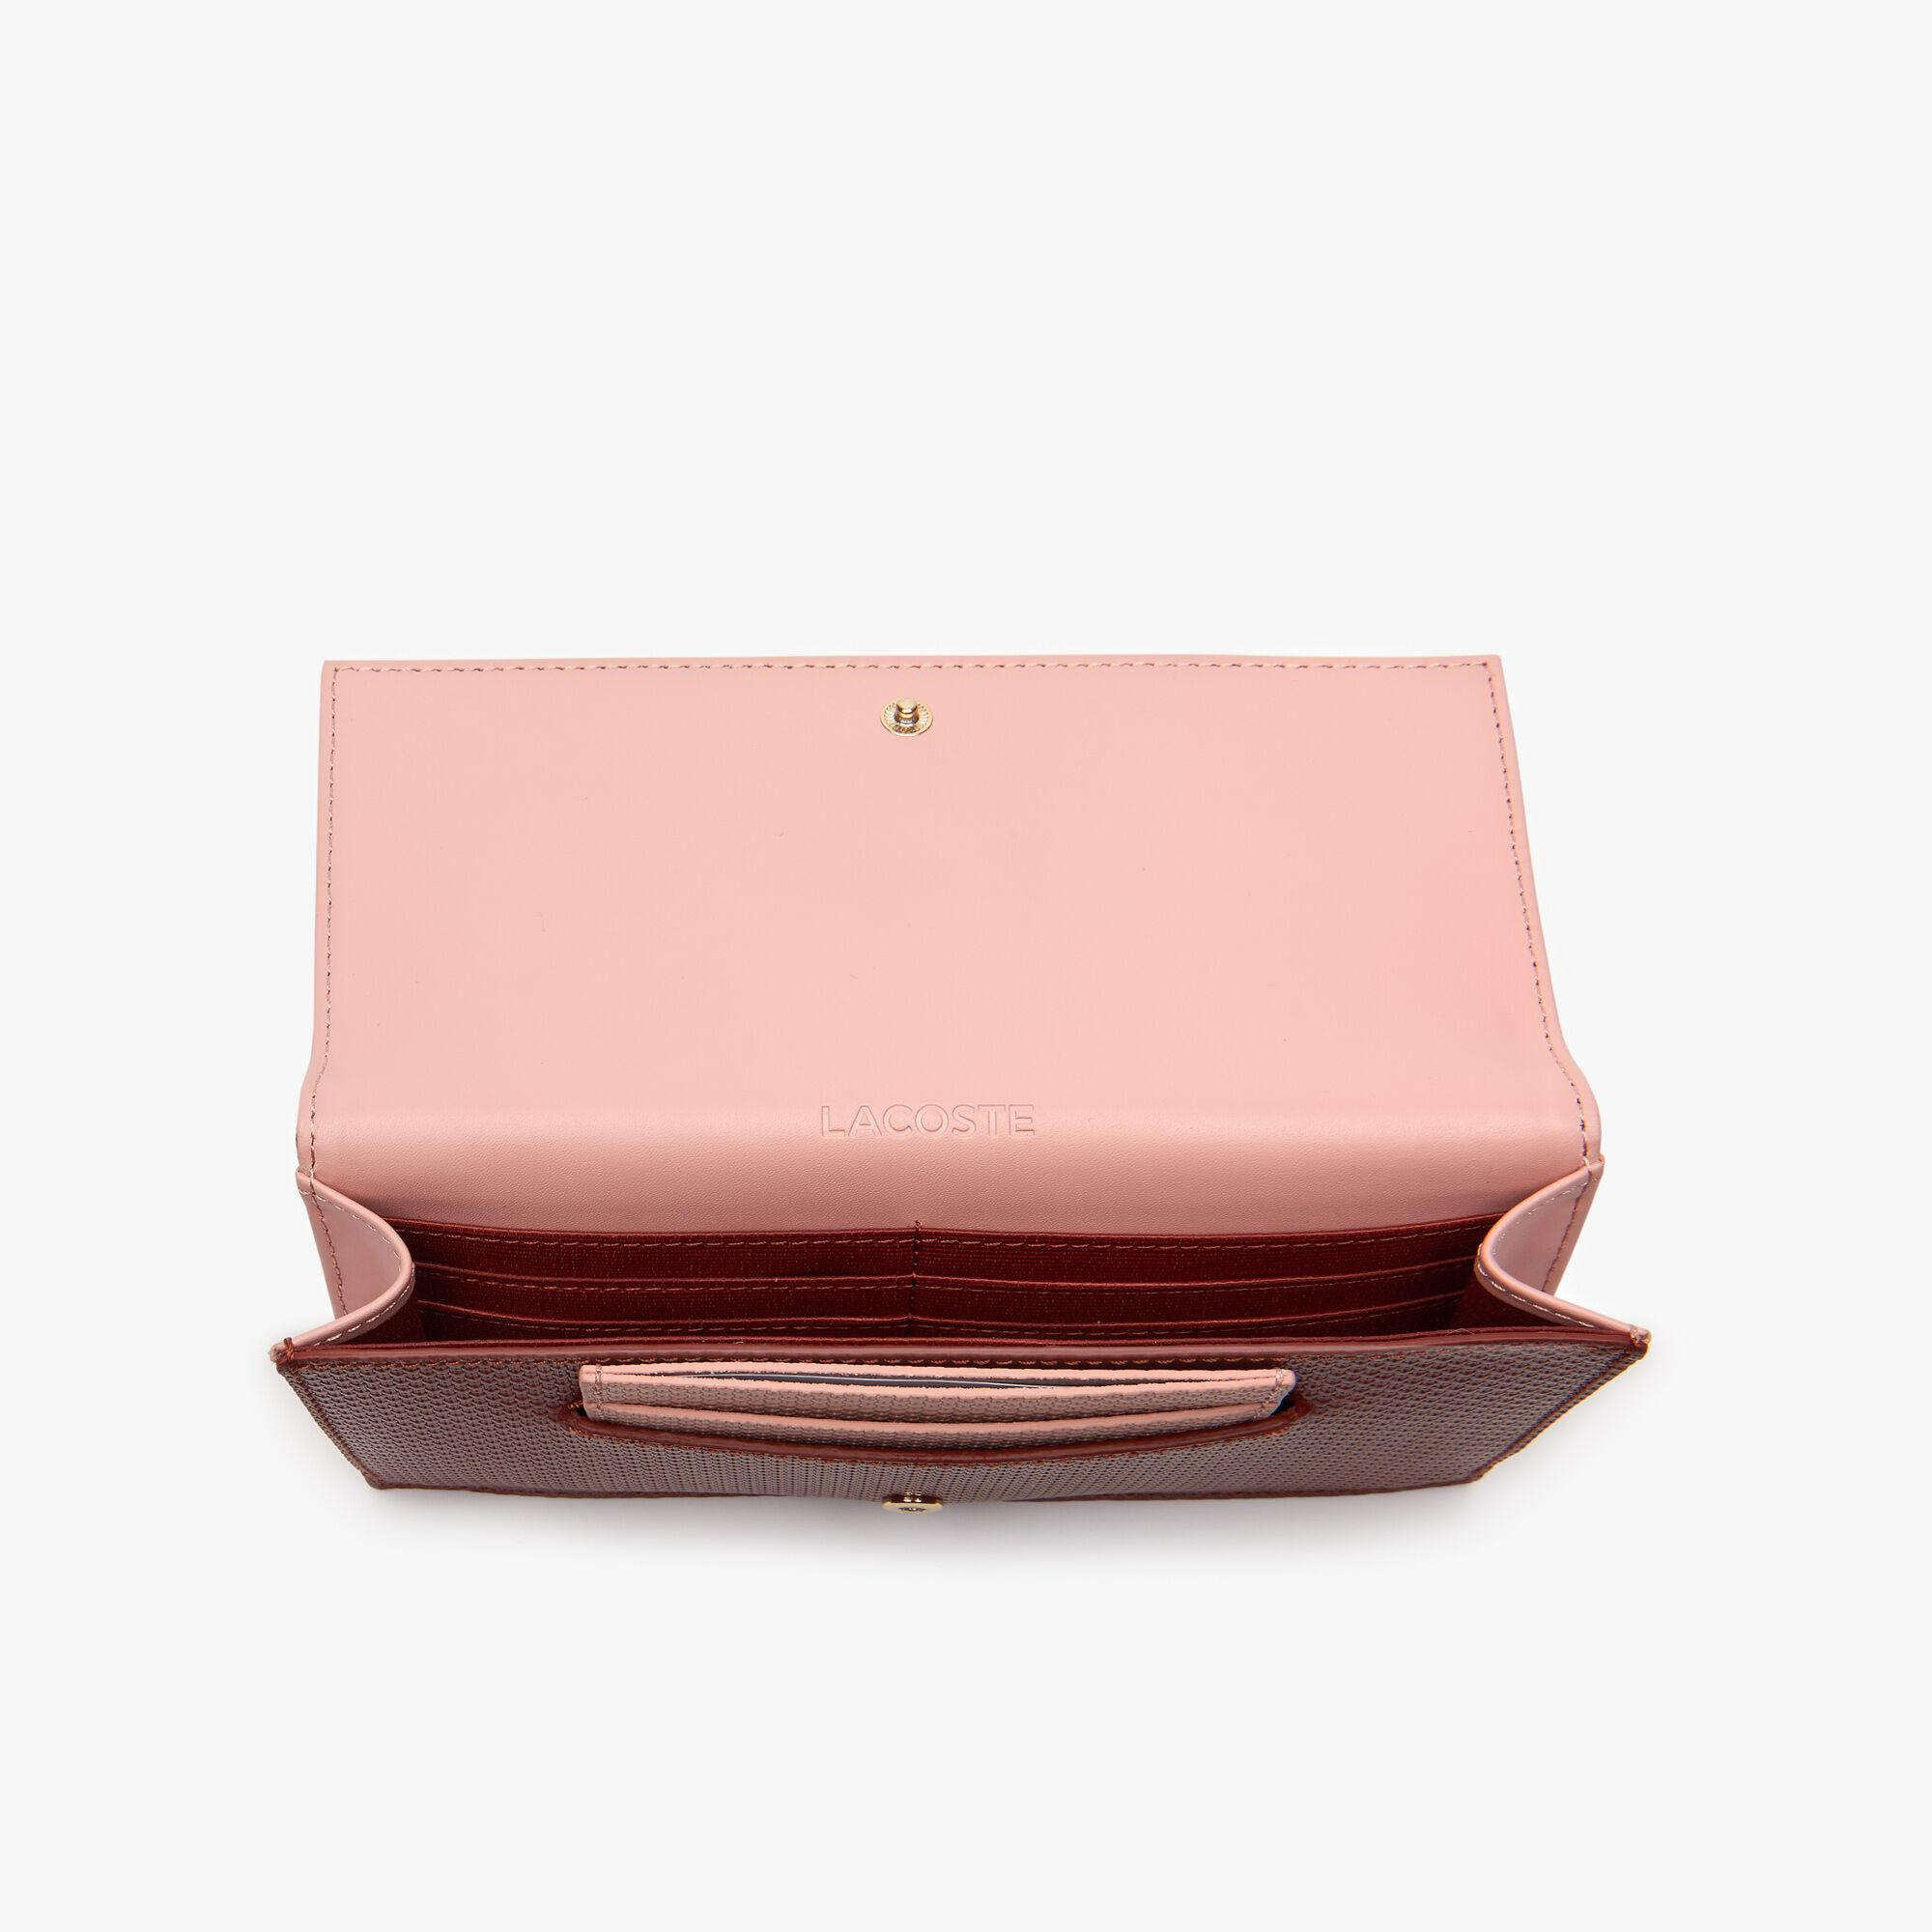 Lacoste гаманець жіночий Chantaco